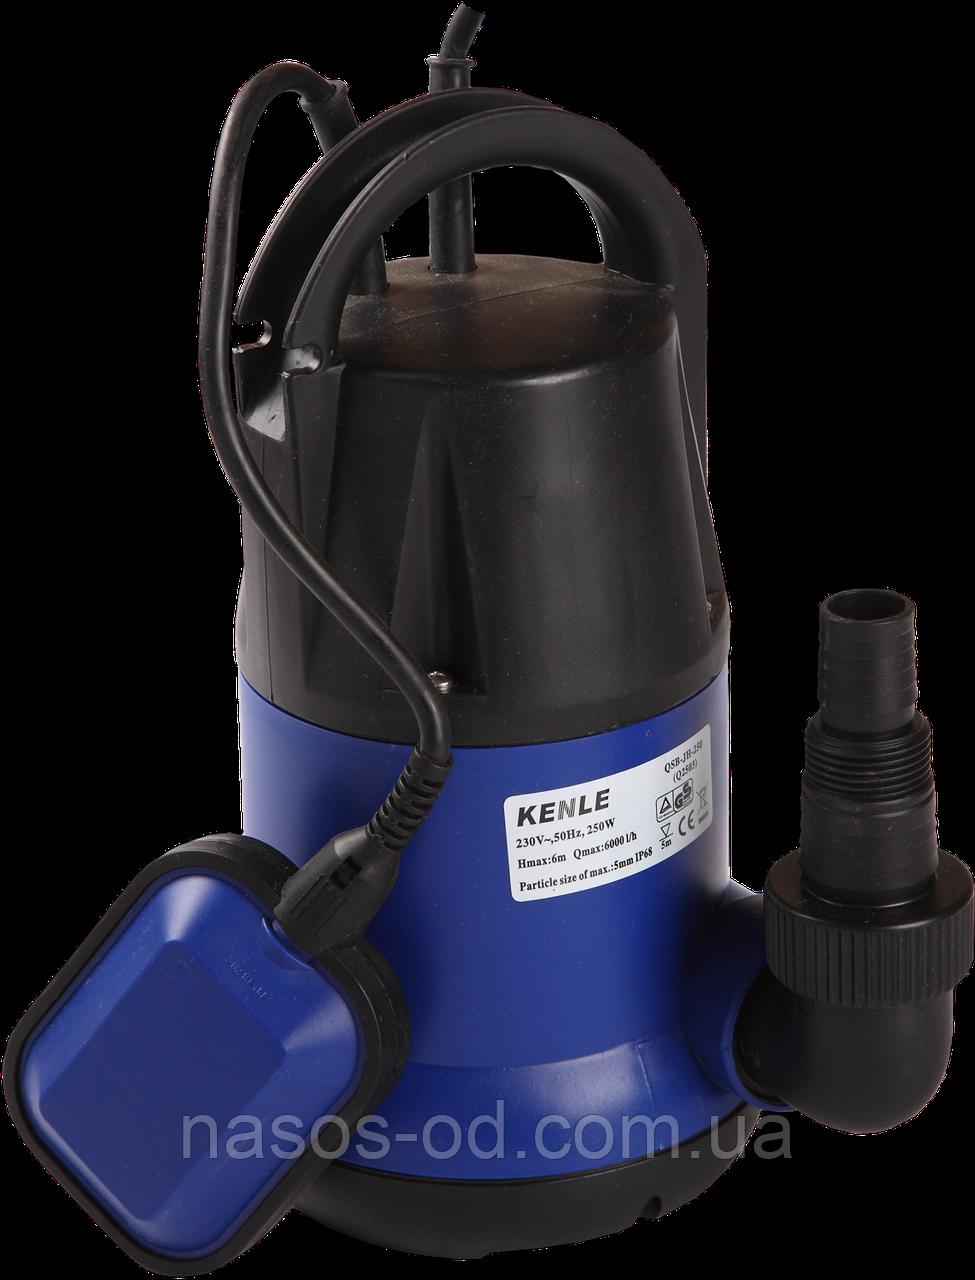 Дренажный насос Kenle NEK PN-203 садовый для колодцев 0.75кВт Hmax8м Qmax133л/мин (830203)